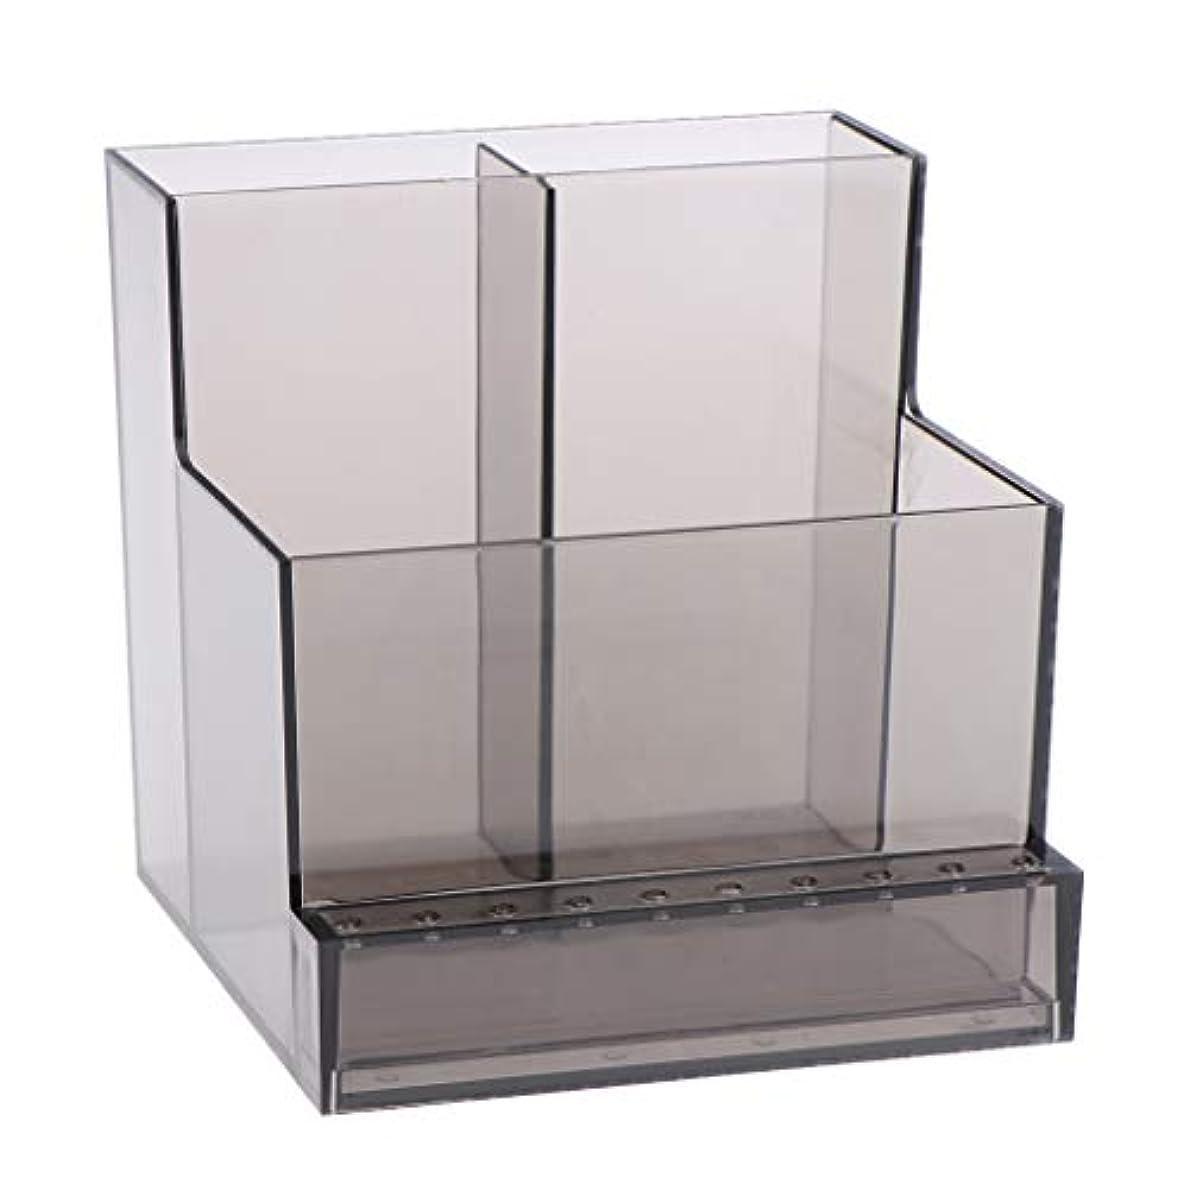 ランチ連続したアレルギー性ネイルアート ドリルビットホルダー スタンド ディスプレイボックス ネイルサロン 収納ボックス 2色選べ - ブラック